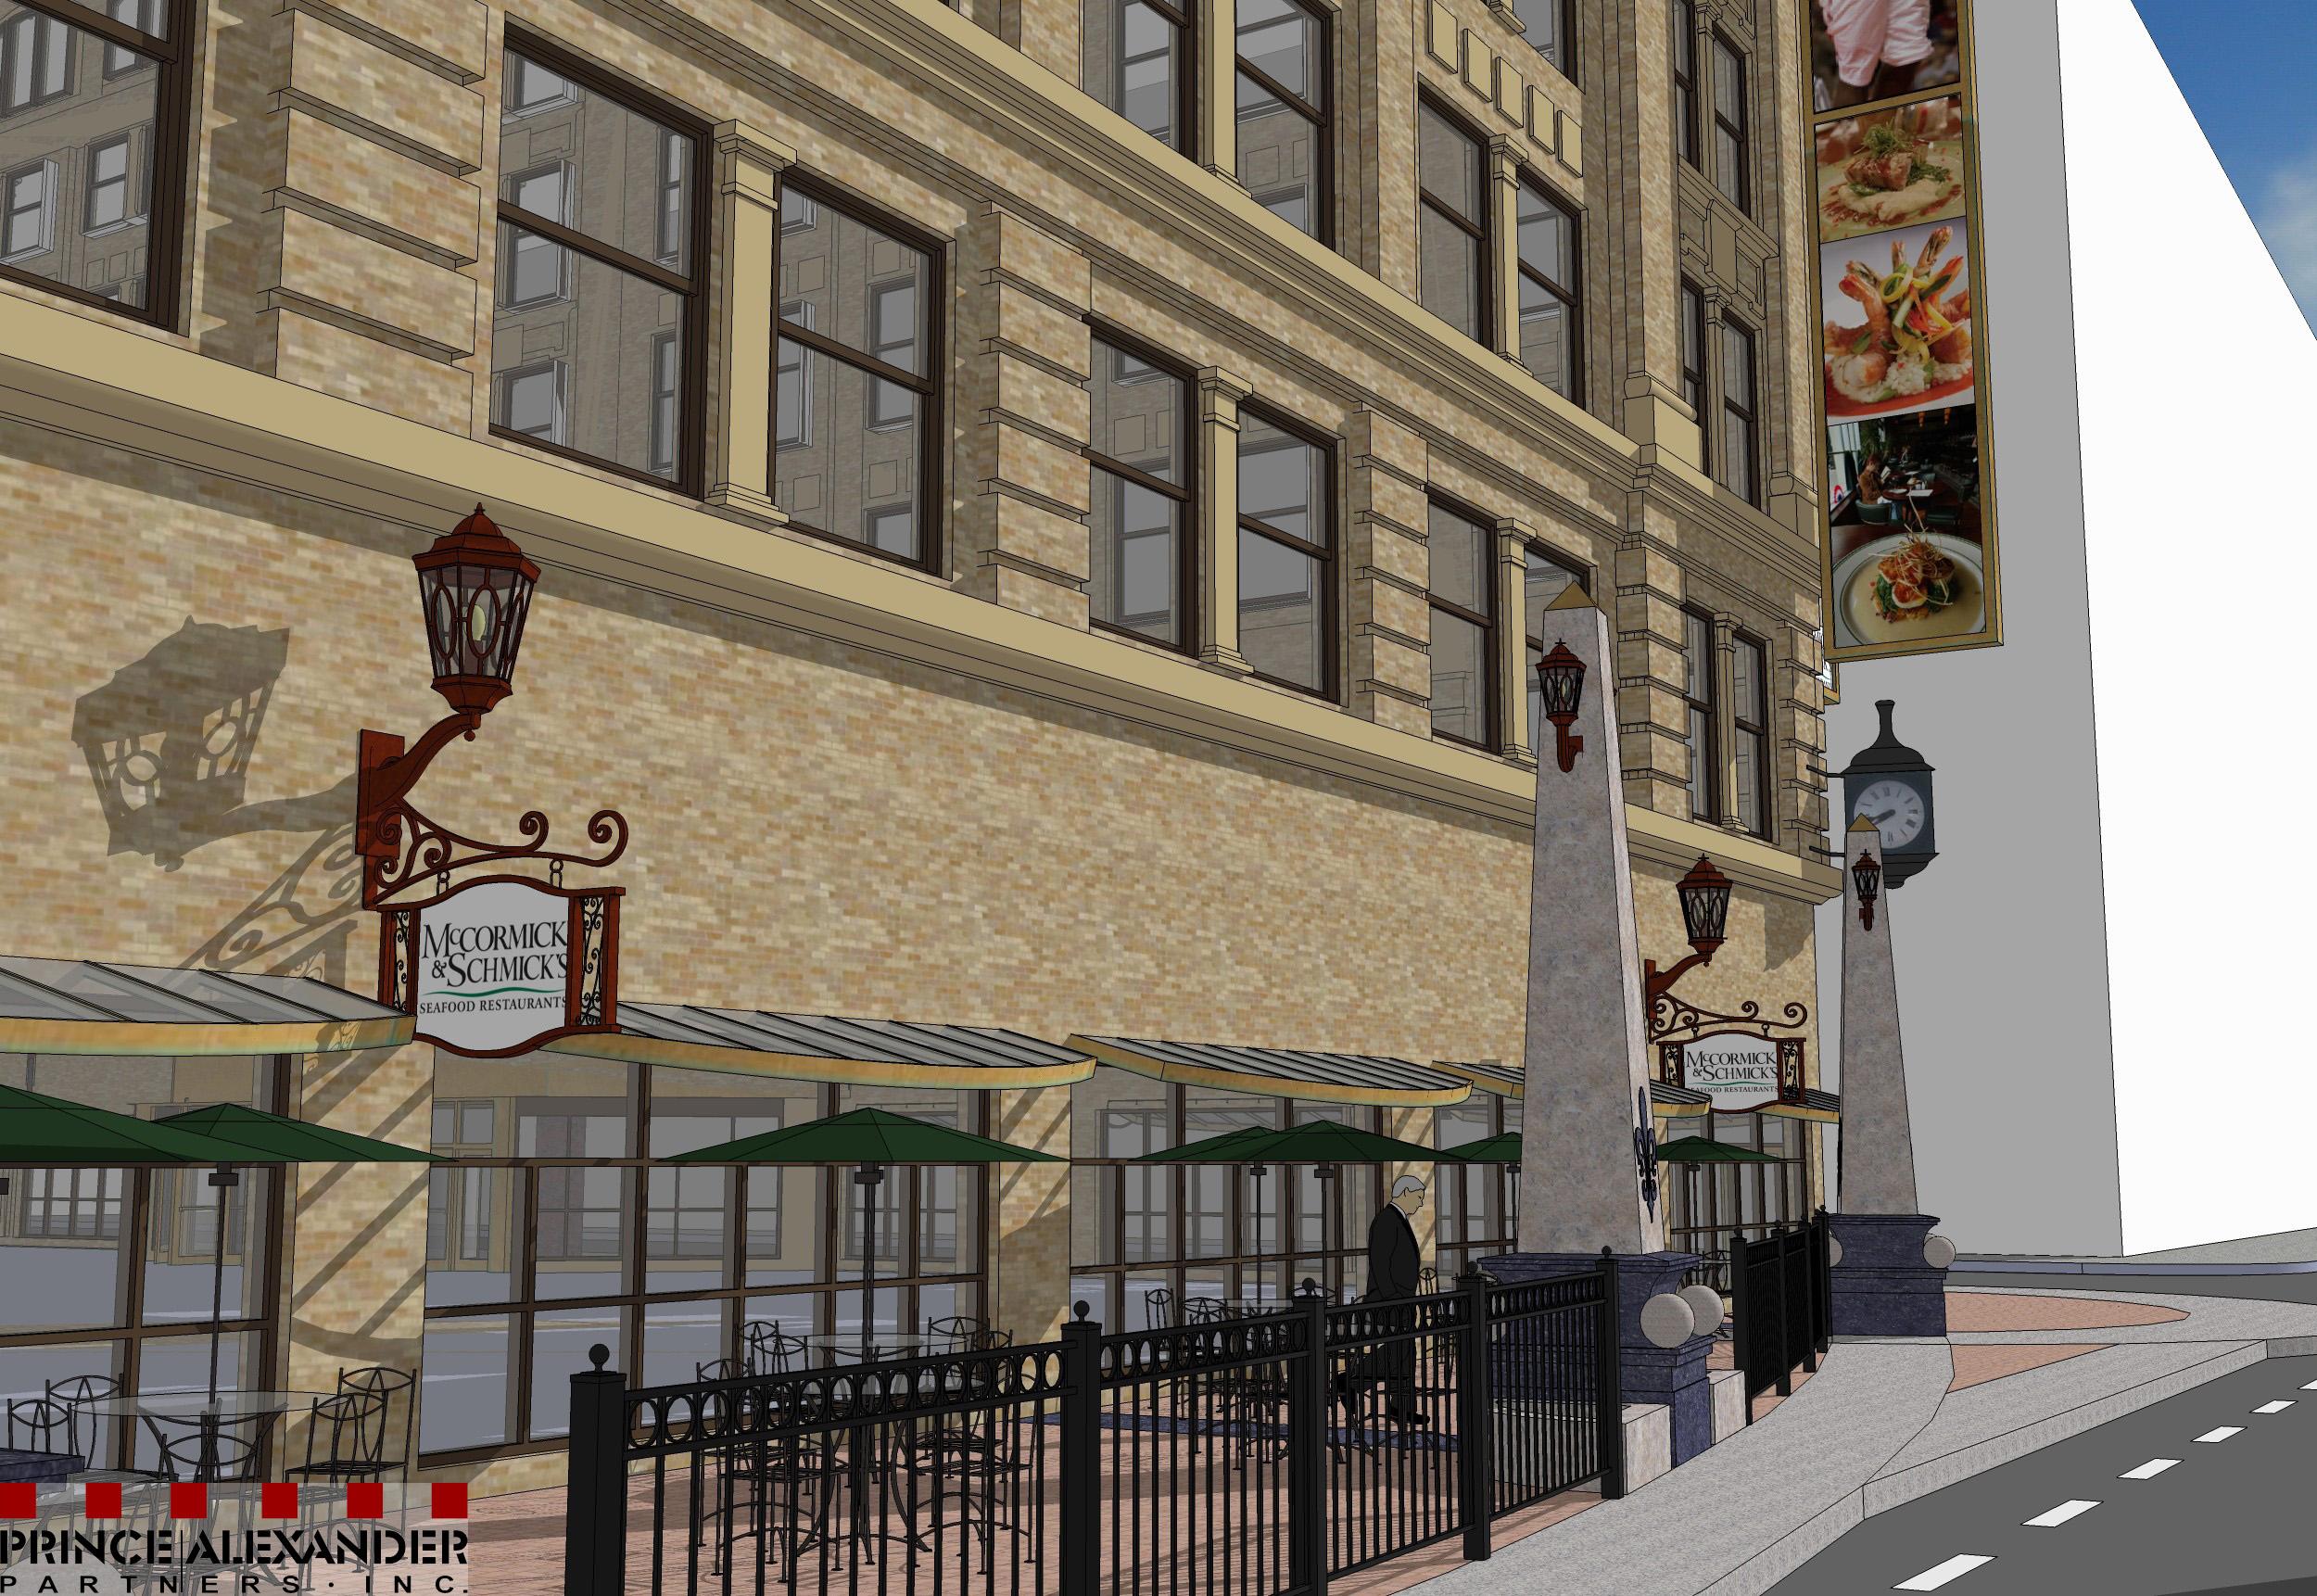 Embassy Suites_12-29-09_4.jpg